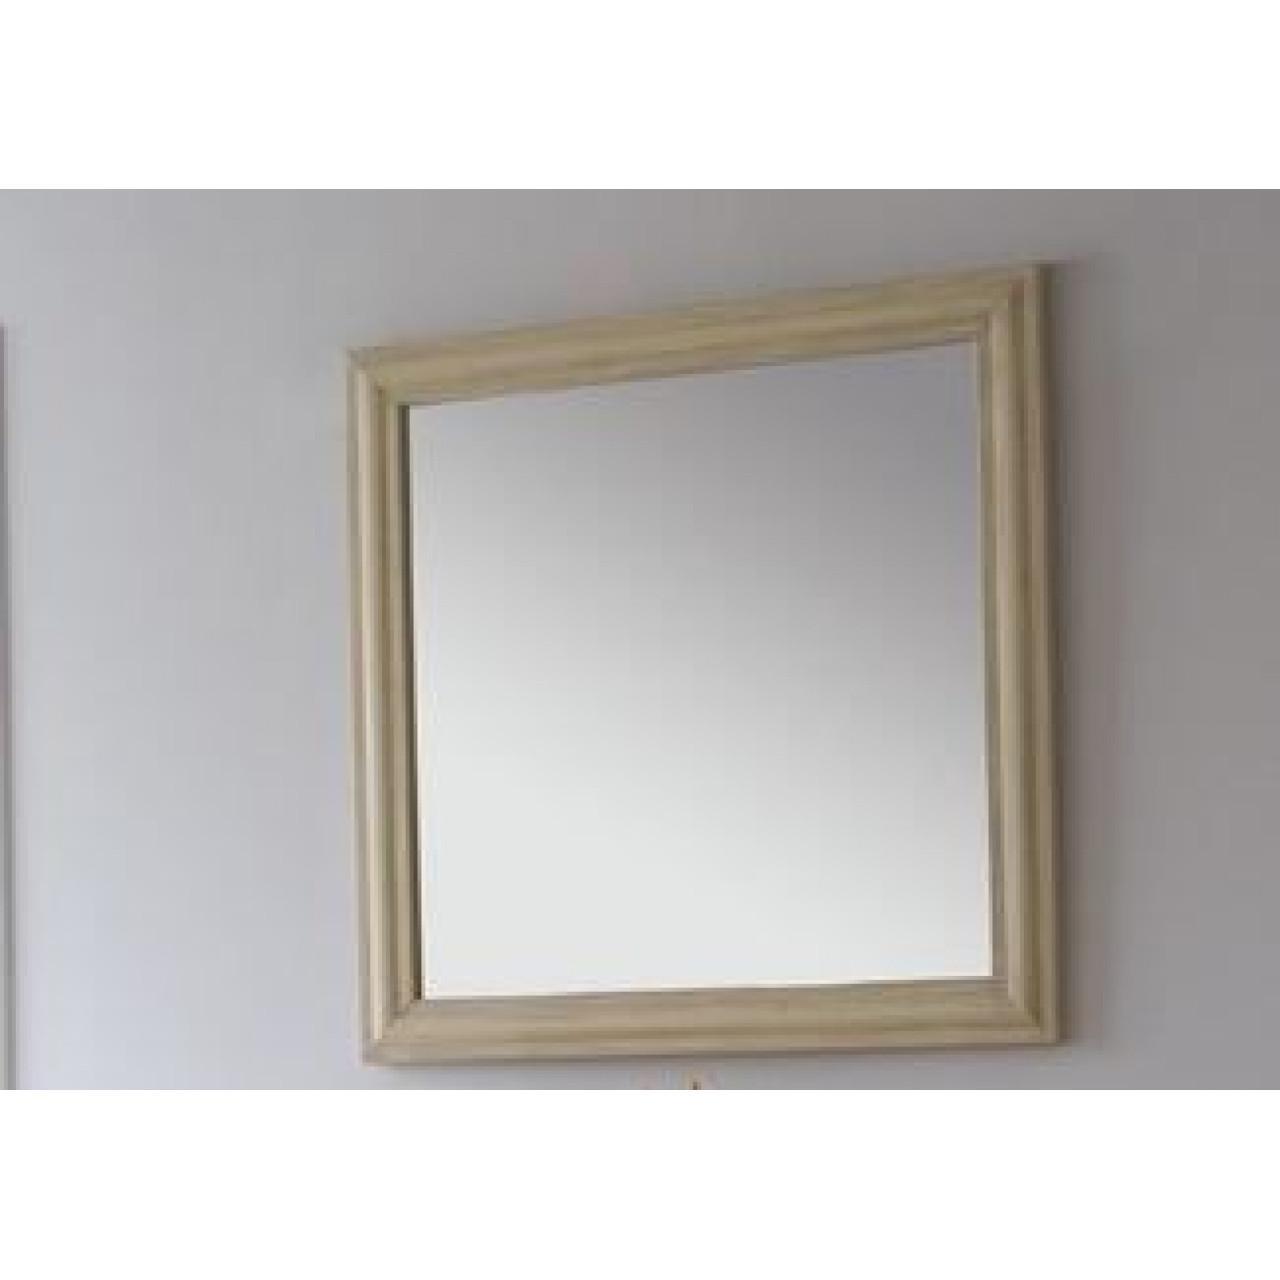 Зеркало Аллигатор Классик 90G купить в Москве по цене от 11500р. в интернет-магазине mebel-v-vannu.ru